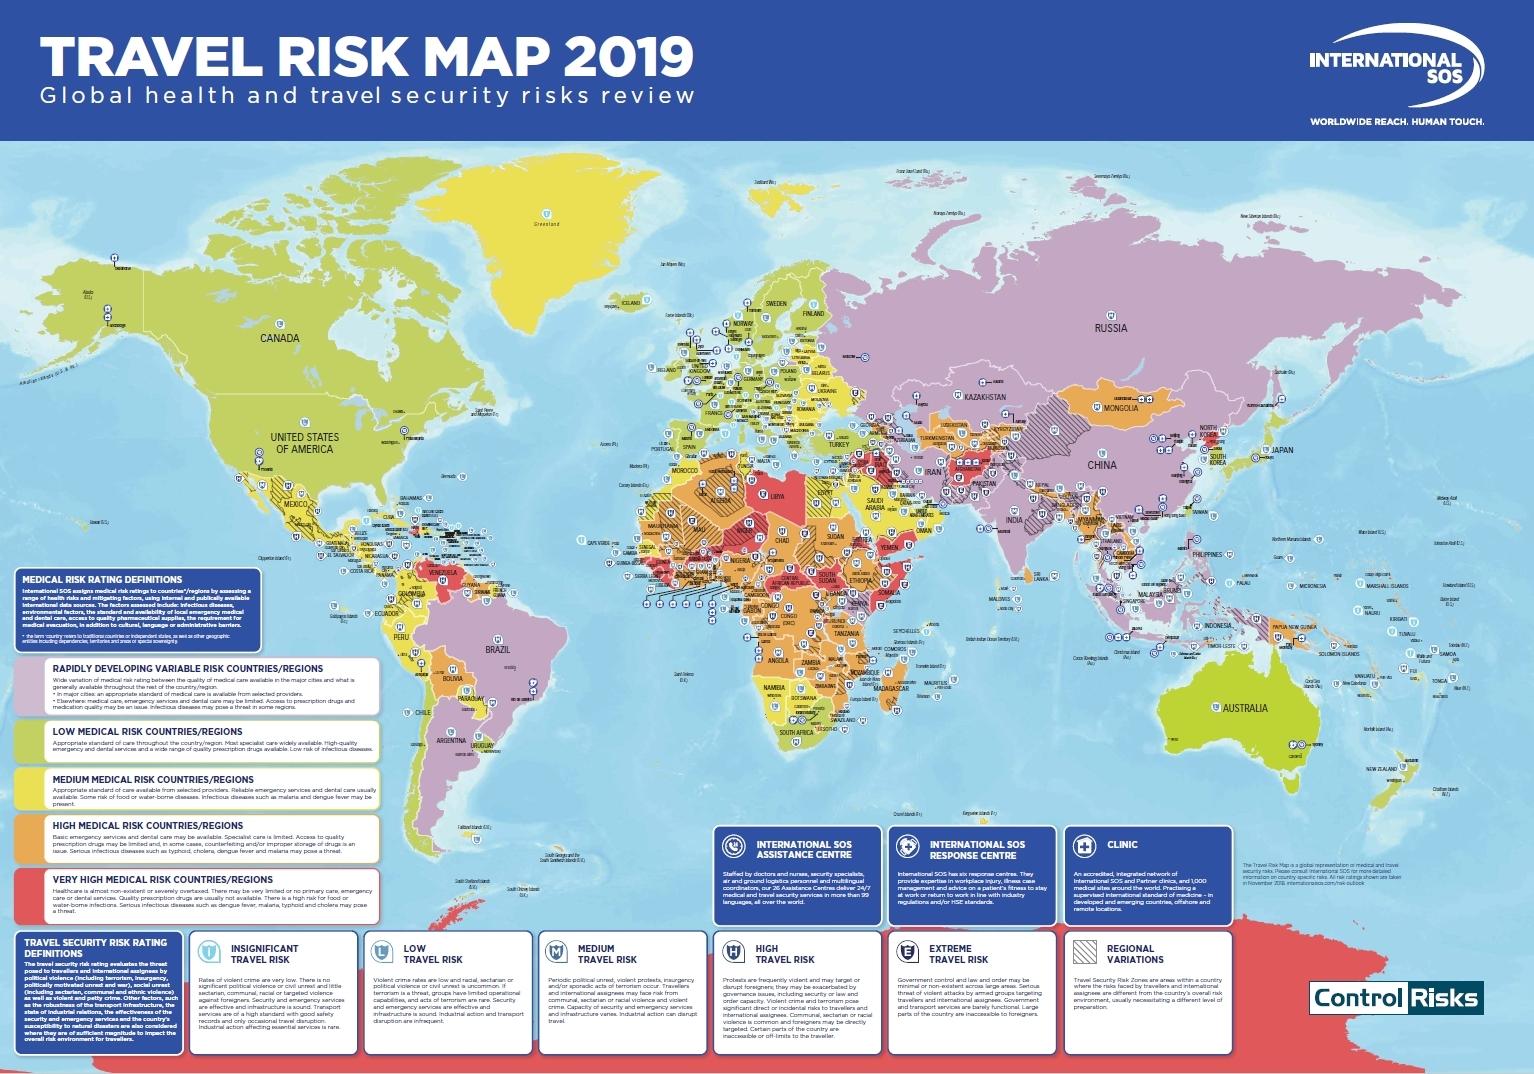 Weltkarten zur Sicherheitslage - reiseversicherung.com